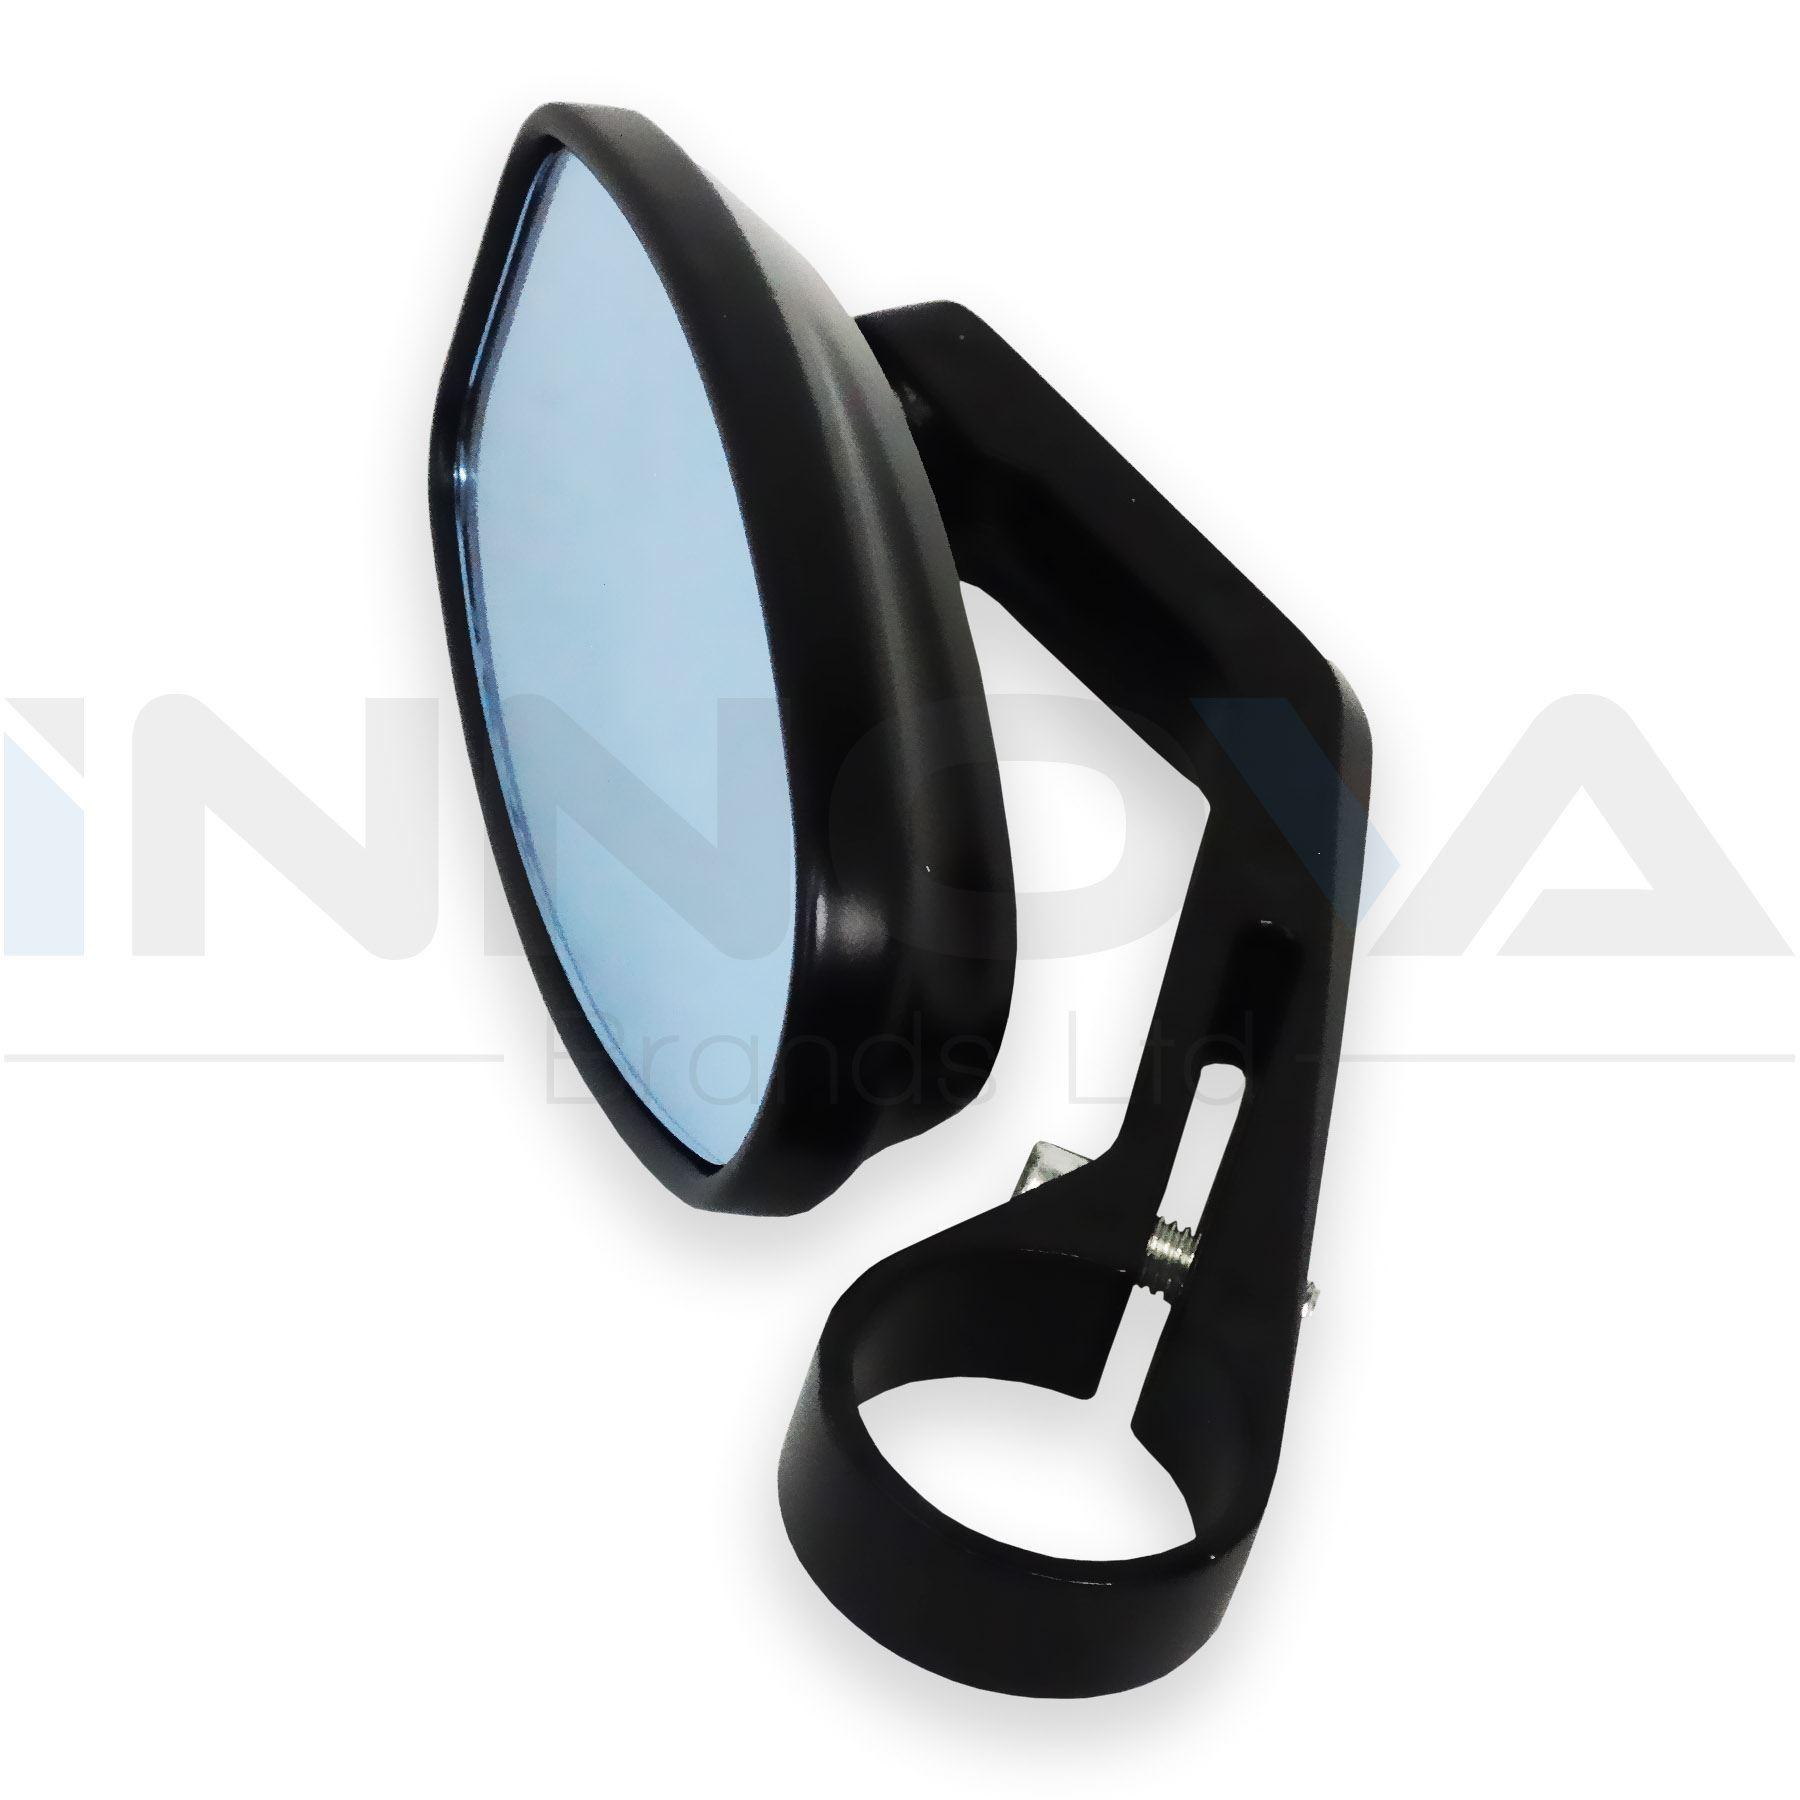 motorrad motorrad retro heckansicht seiten lenker spiegel. Black Bedroom Furniture Sets. Home Design Ideas